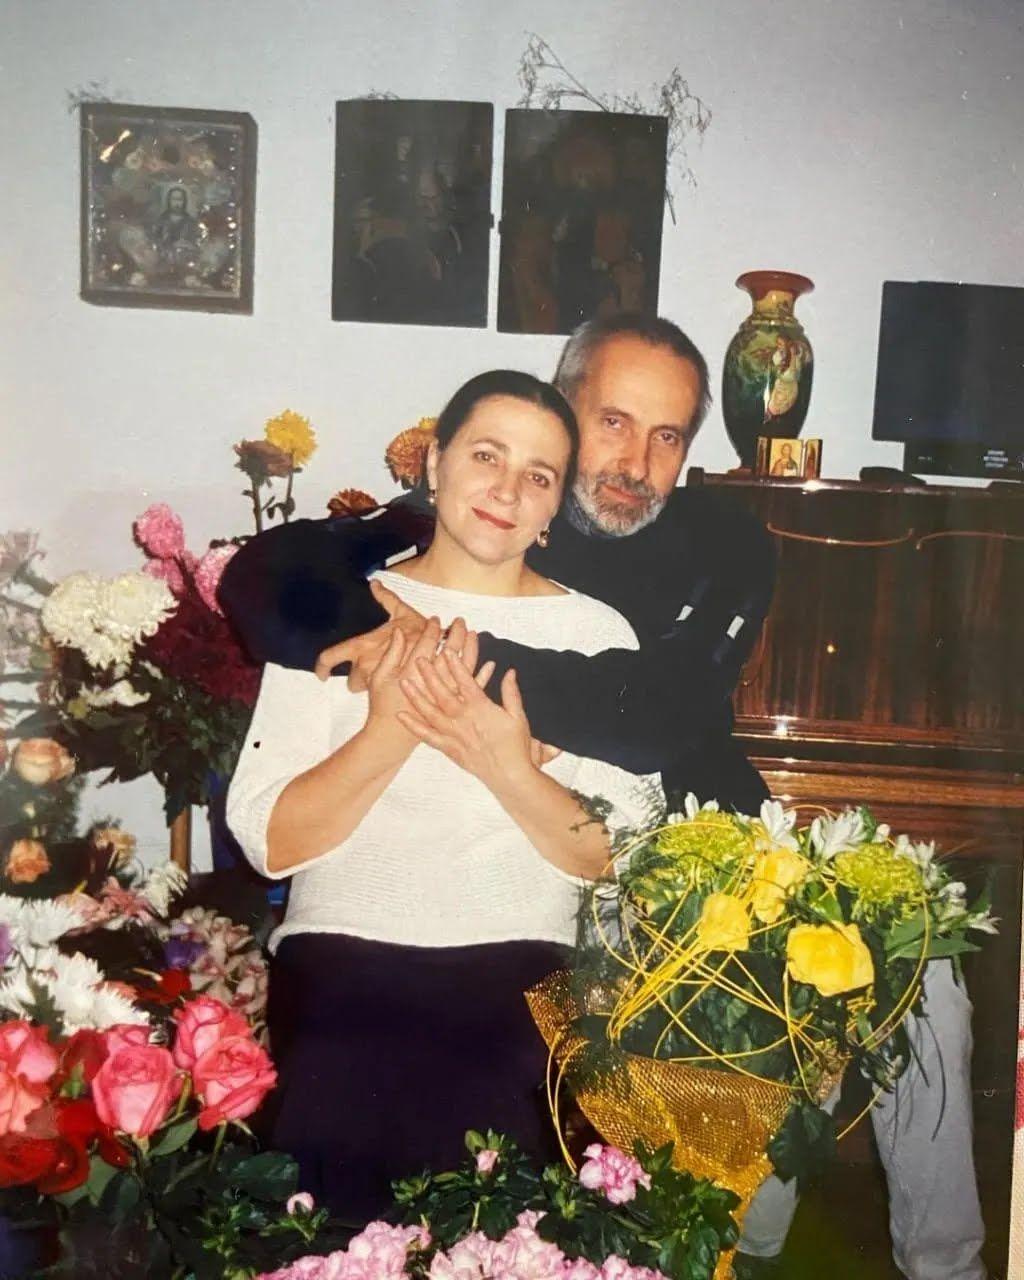 Нина Матвиенко с мужем празднуют золотую свадьбу.